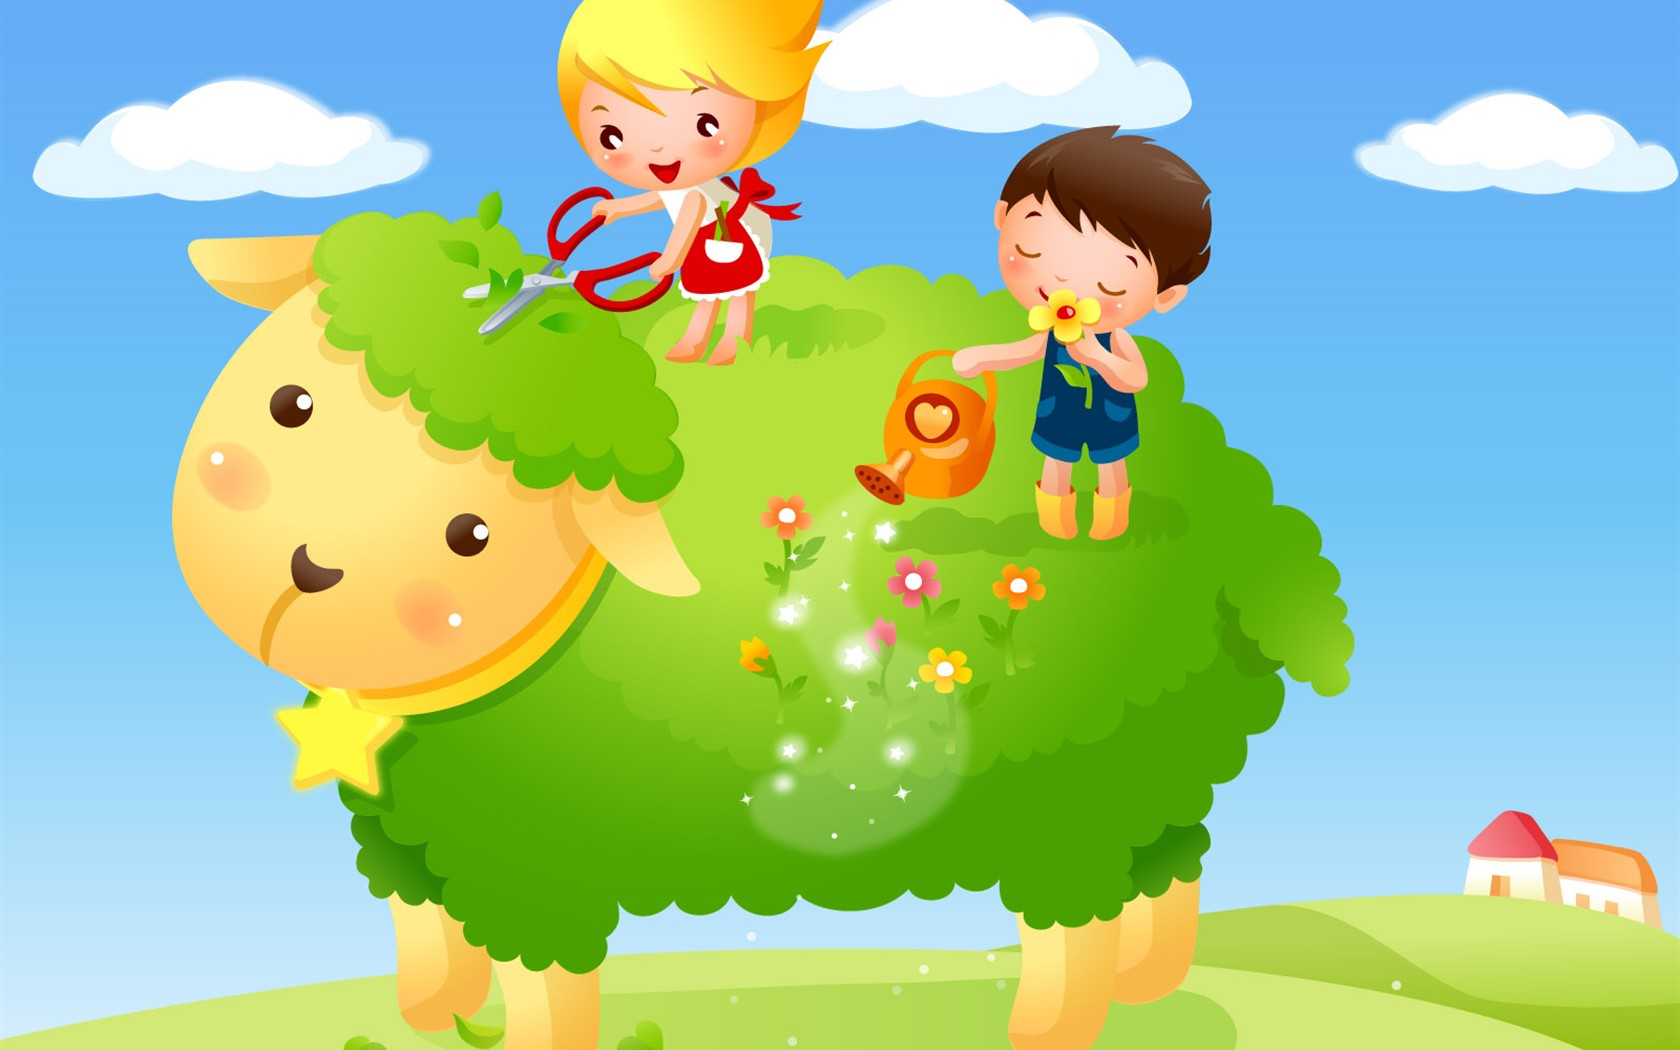 Childhood Dreams Alba Kreslene Tapety 7 1680x1050 Wallpaper Ke